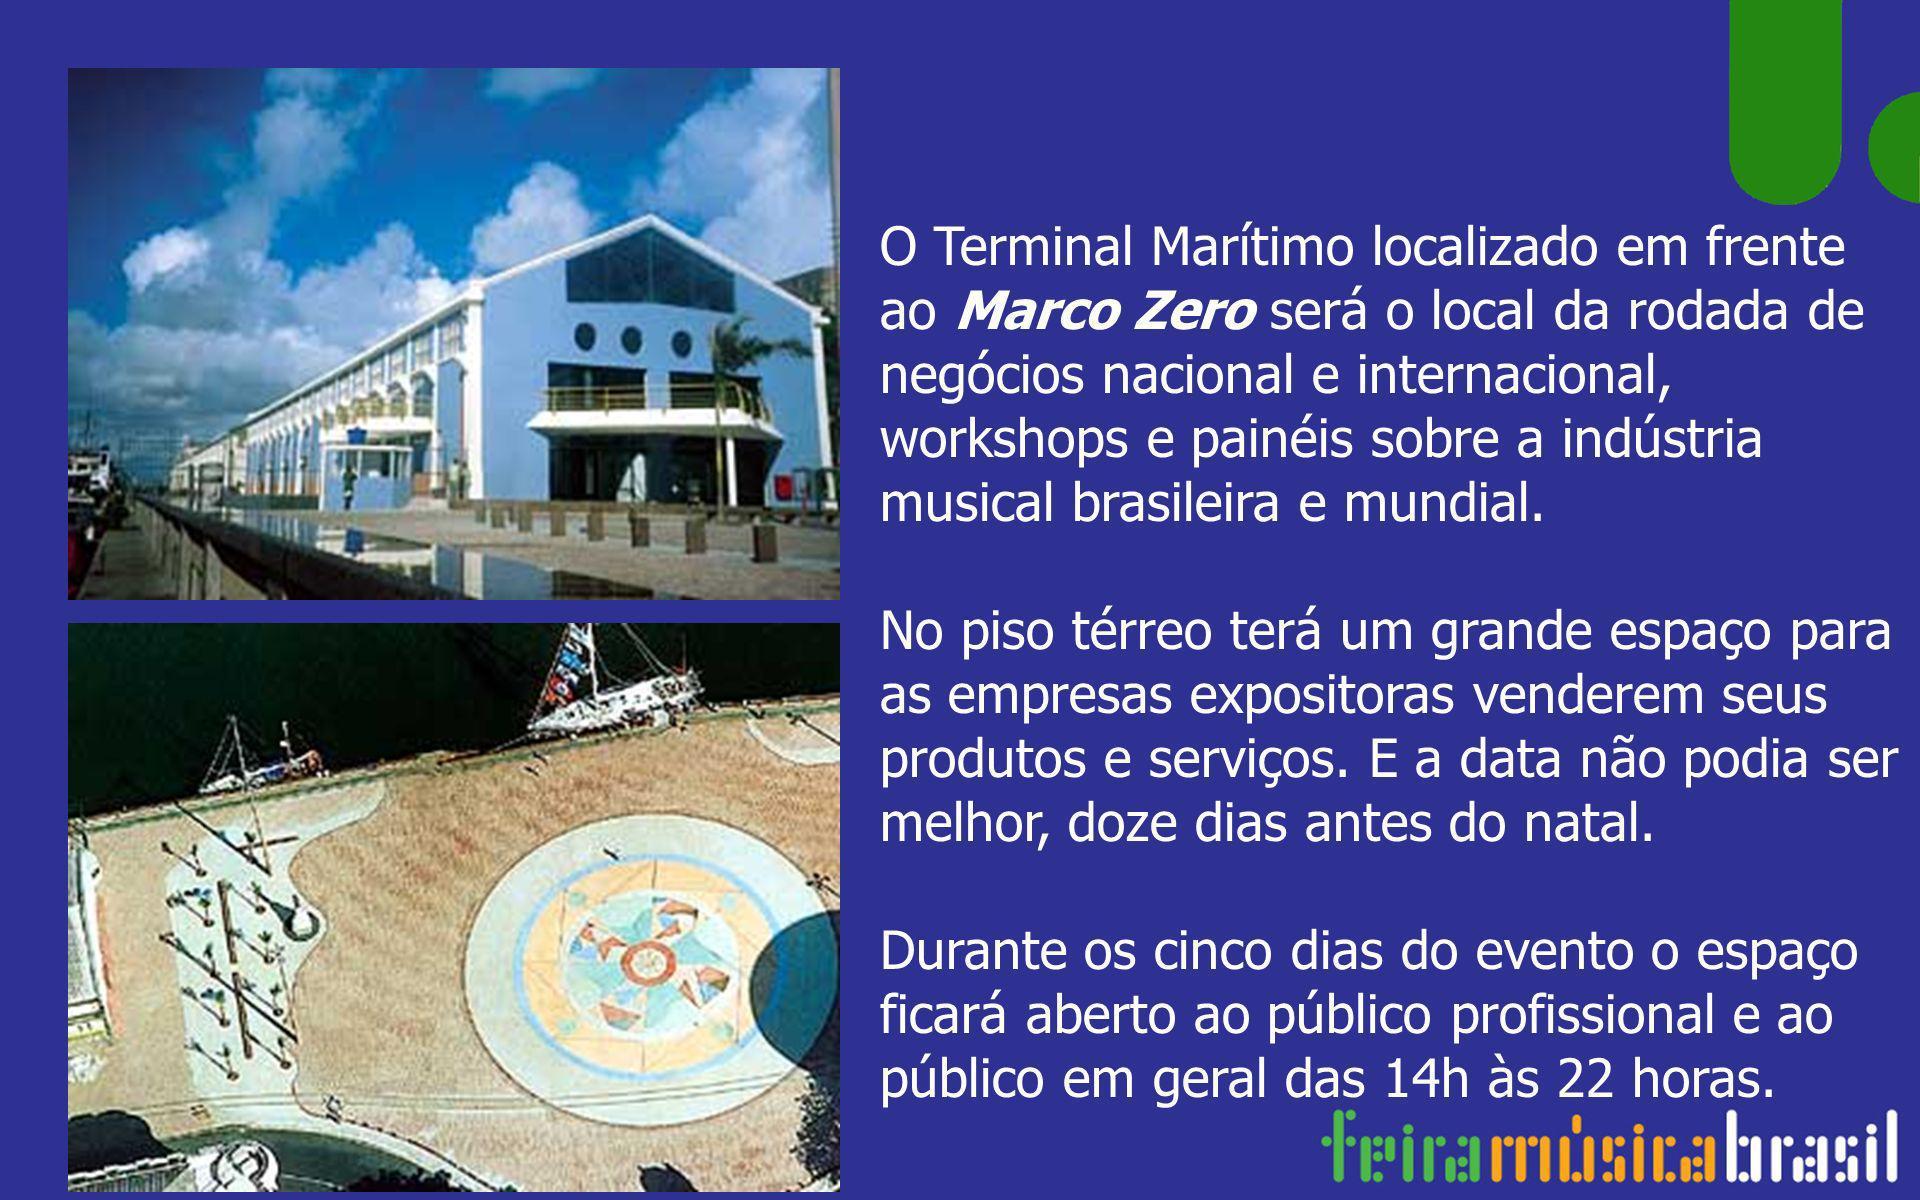 O Terminal Marítimo localizado em frente ao Marco Zero será o local da rodada de negócios nacional e internacional, workshops e painéis sobre a indústria